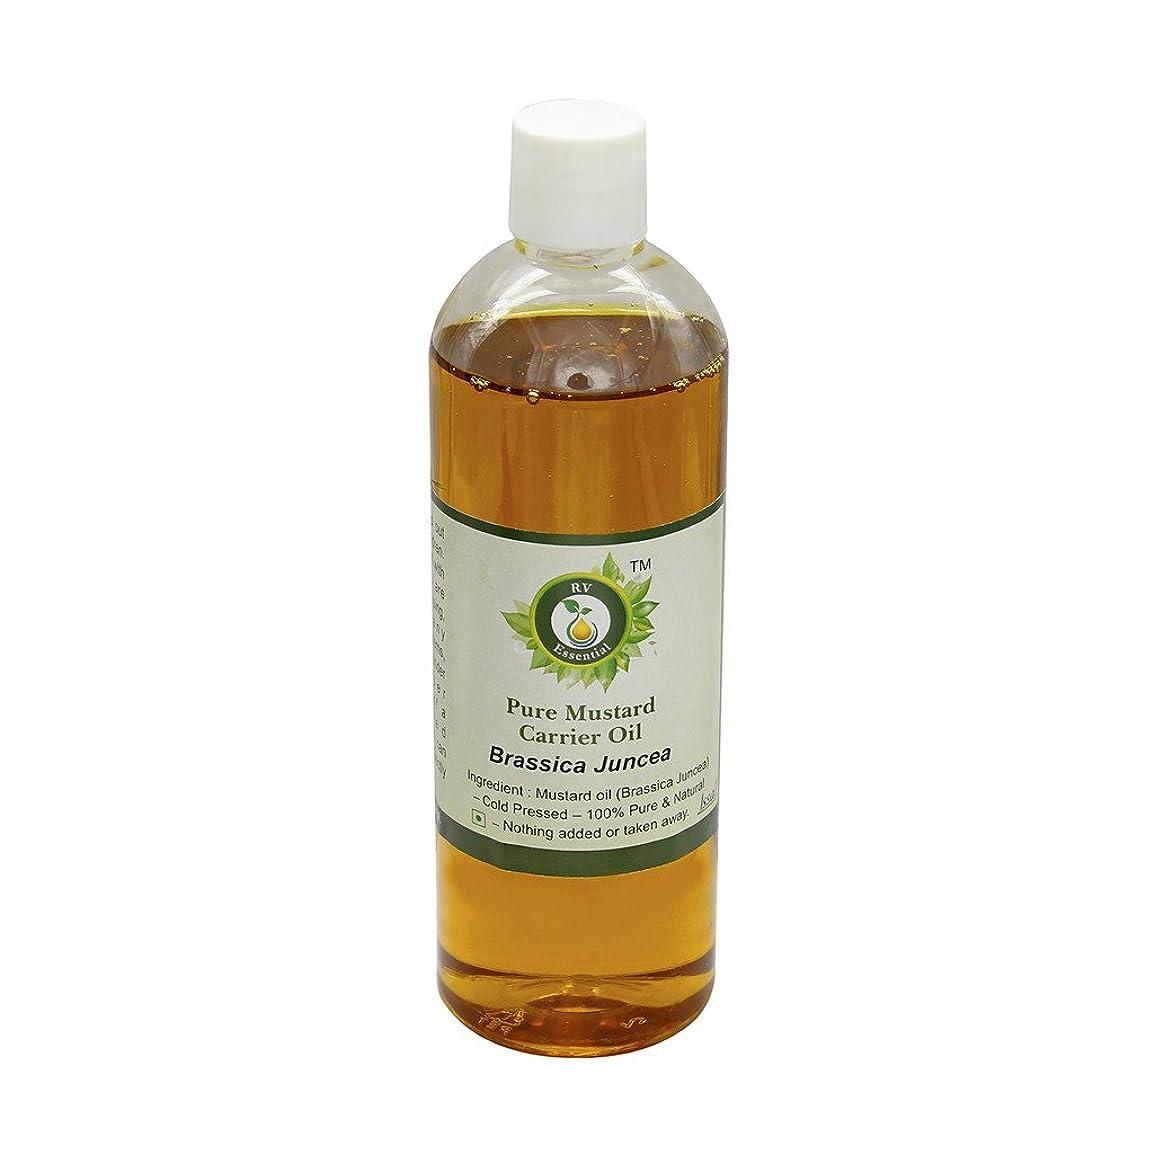 西嫉妬カロリーR V Essential 純粋なマスタードキャリアオイル100ml (3.38oz)- Brassica Juncea (100%ピュア&ナチュラルコールドPressed) Pure Mustard Carrier Oil